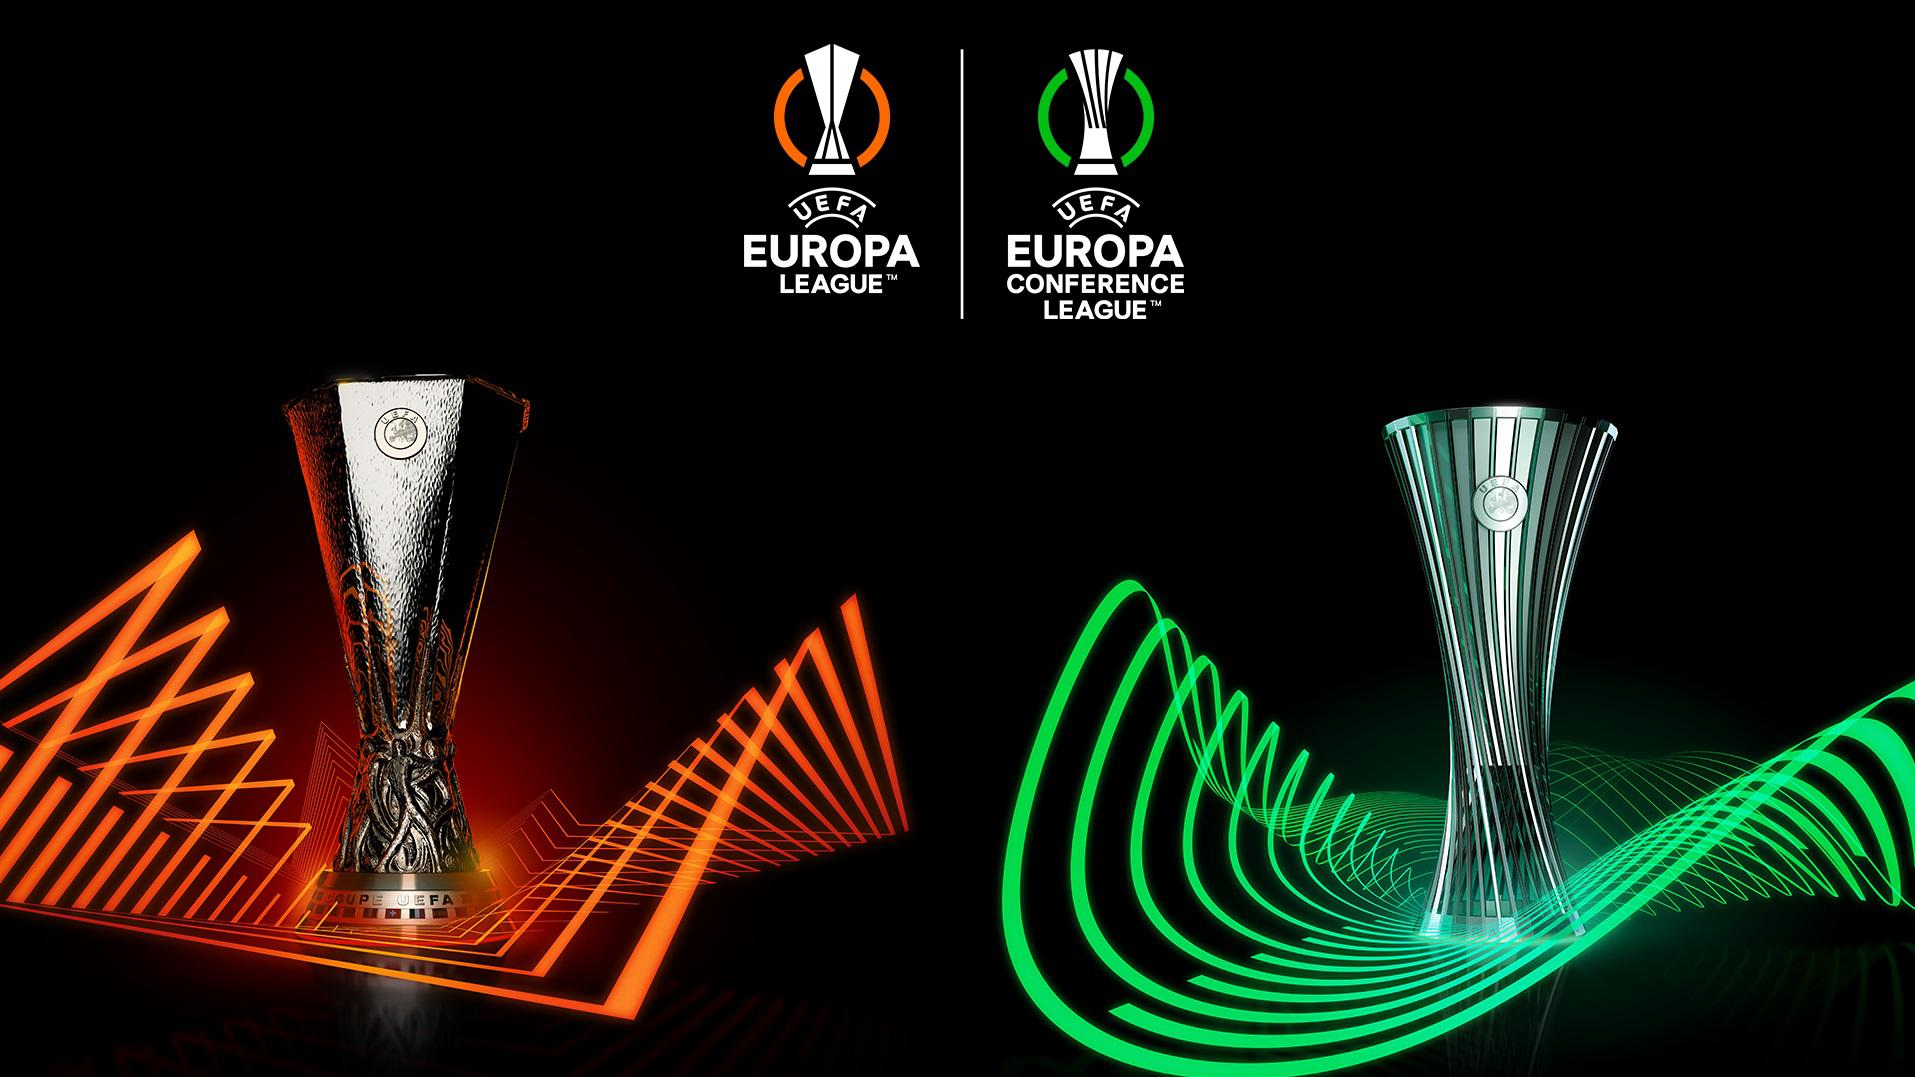 欧足联公布欧会杯奖杯和标识,绿色成为主色调插图